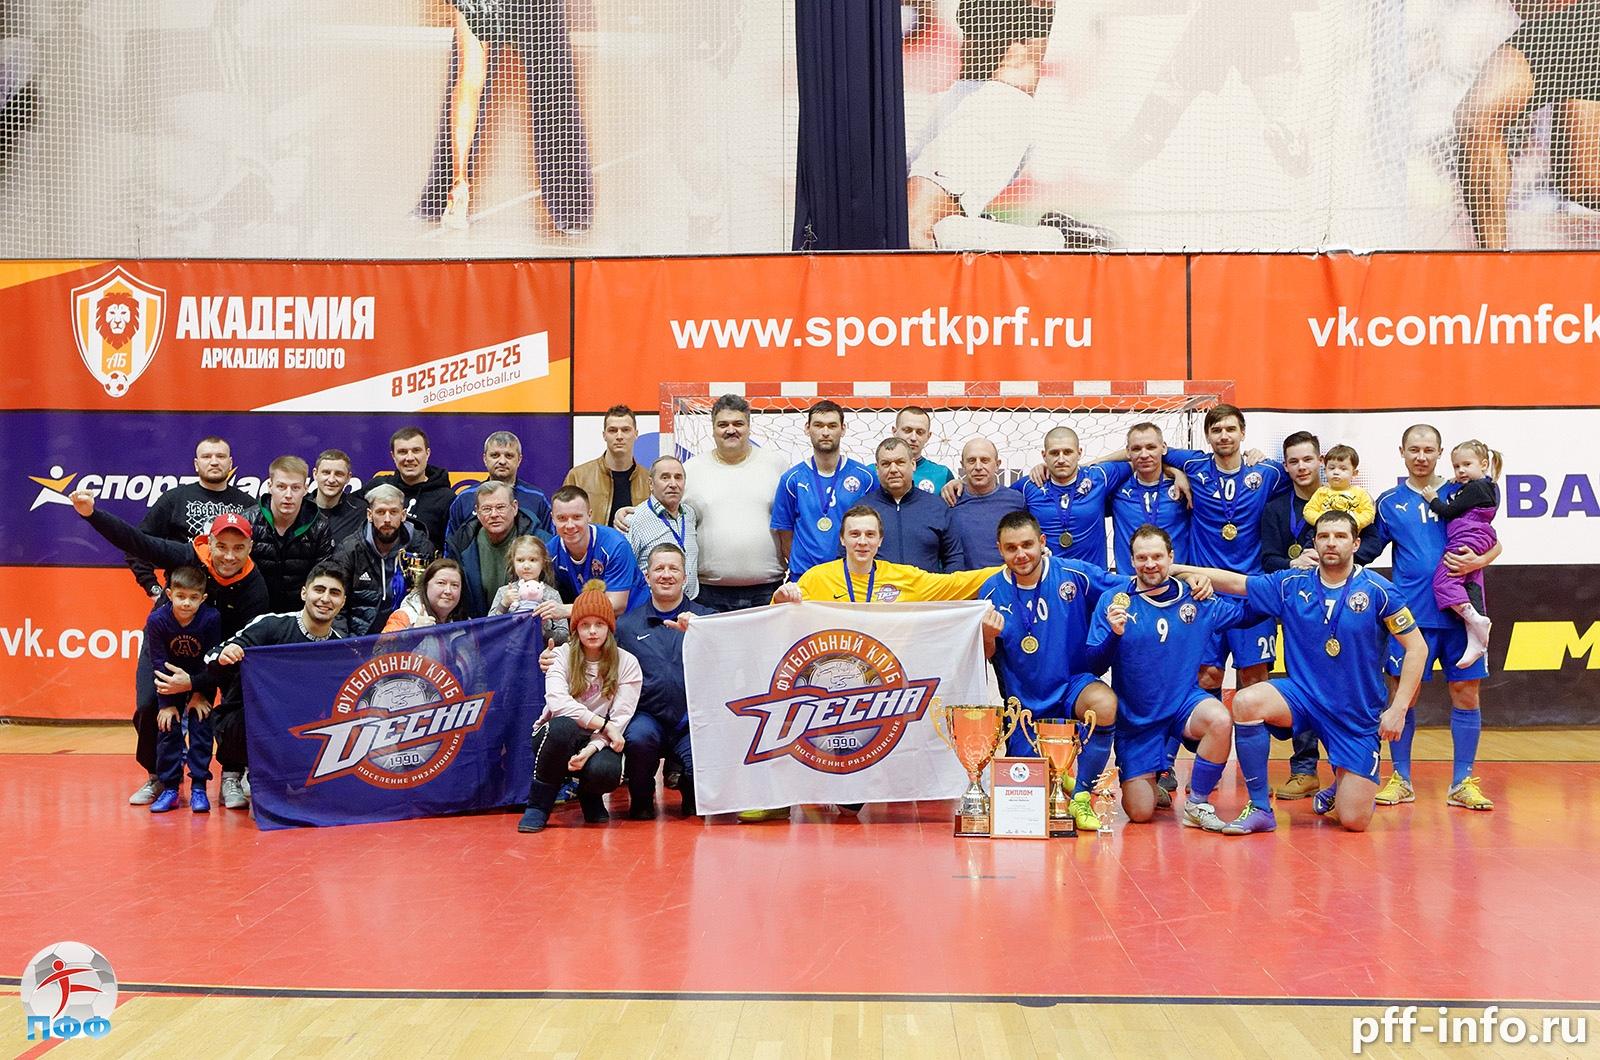 Золотой дубль «Десны-Орбиты» в чемпионате Подольска по мини-футболу